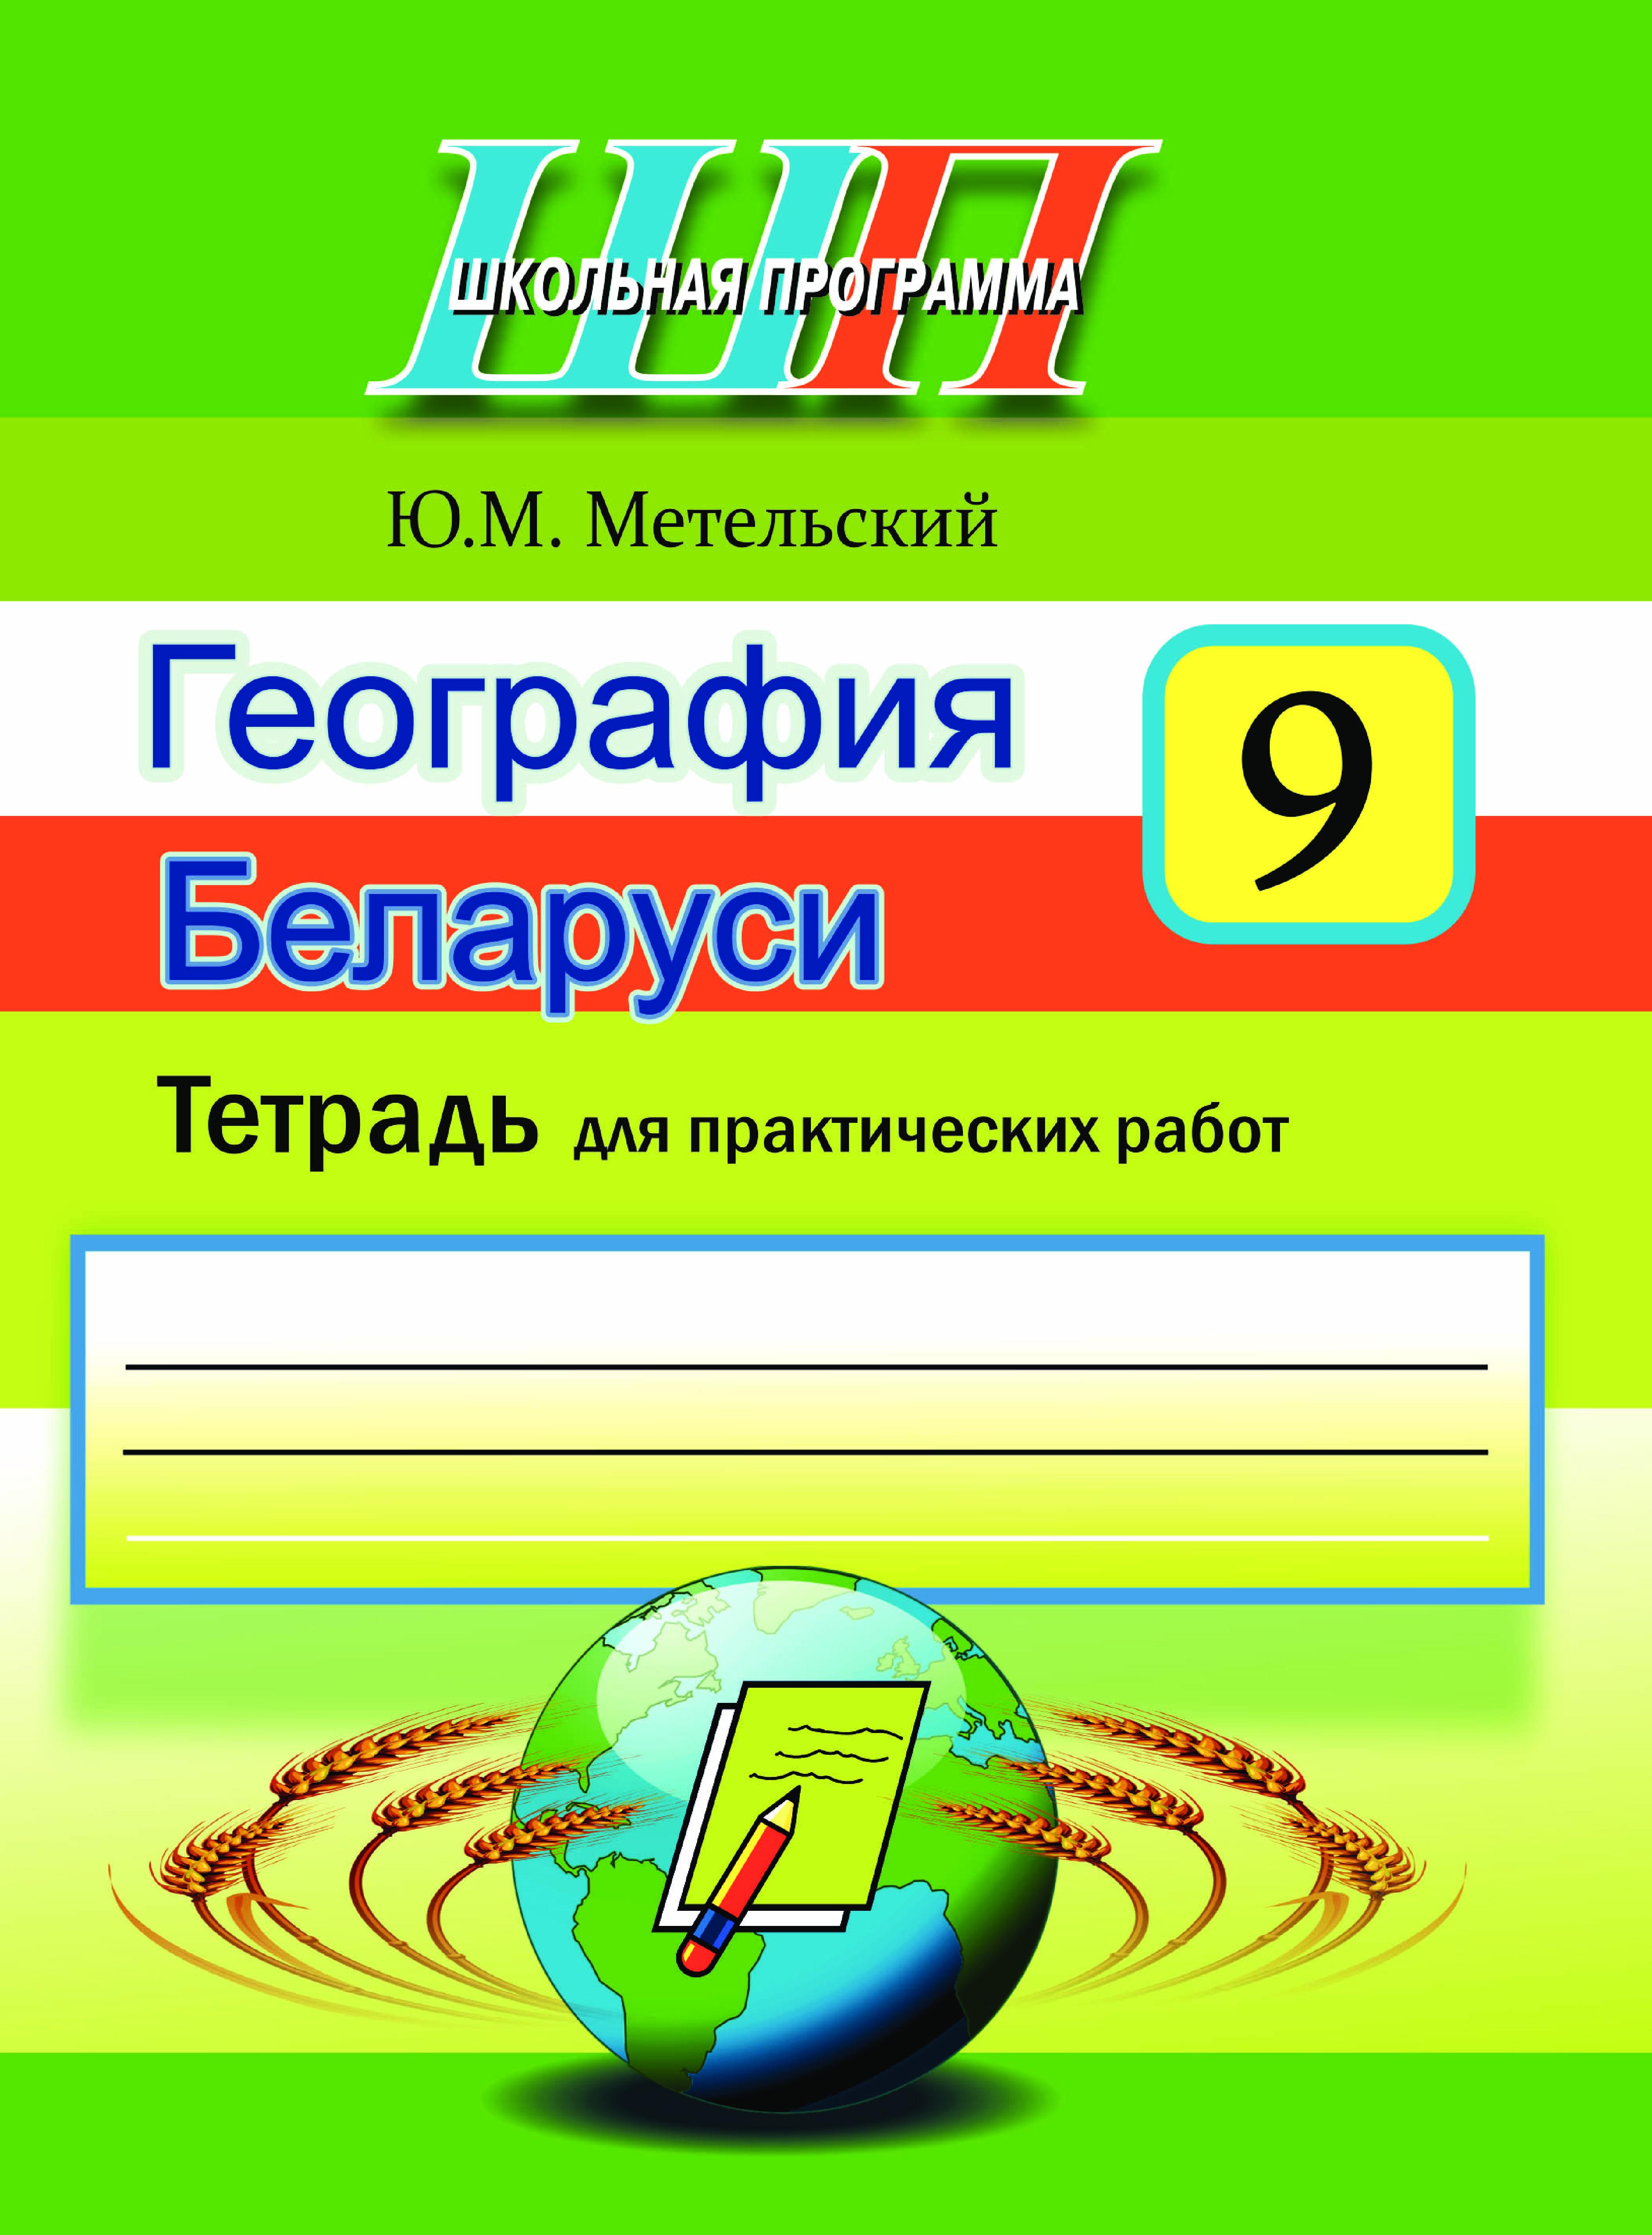 География Беларуси. 9 класс. Тетрадь для практических и самостоятельных работ.